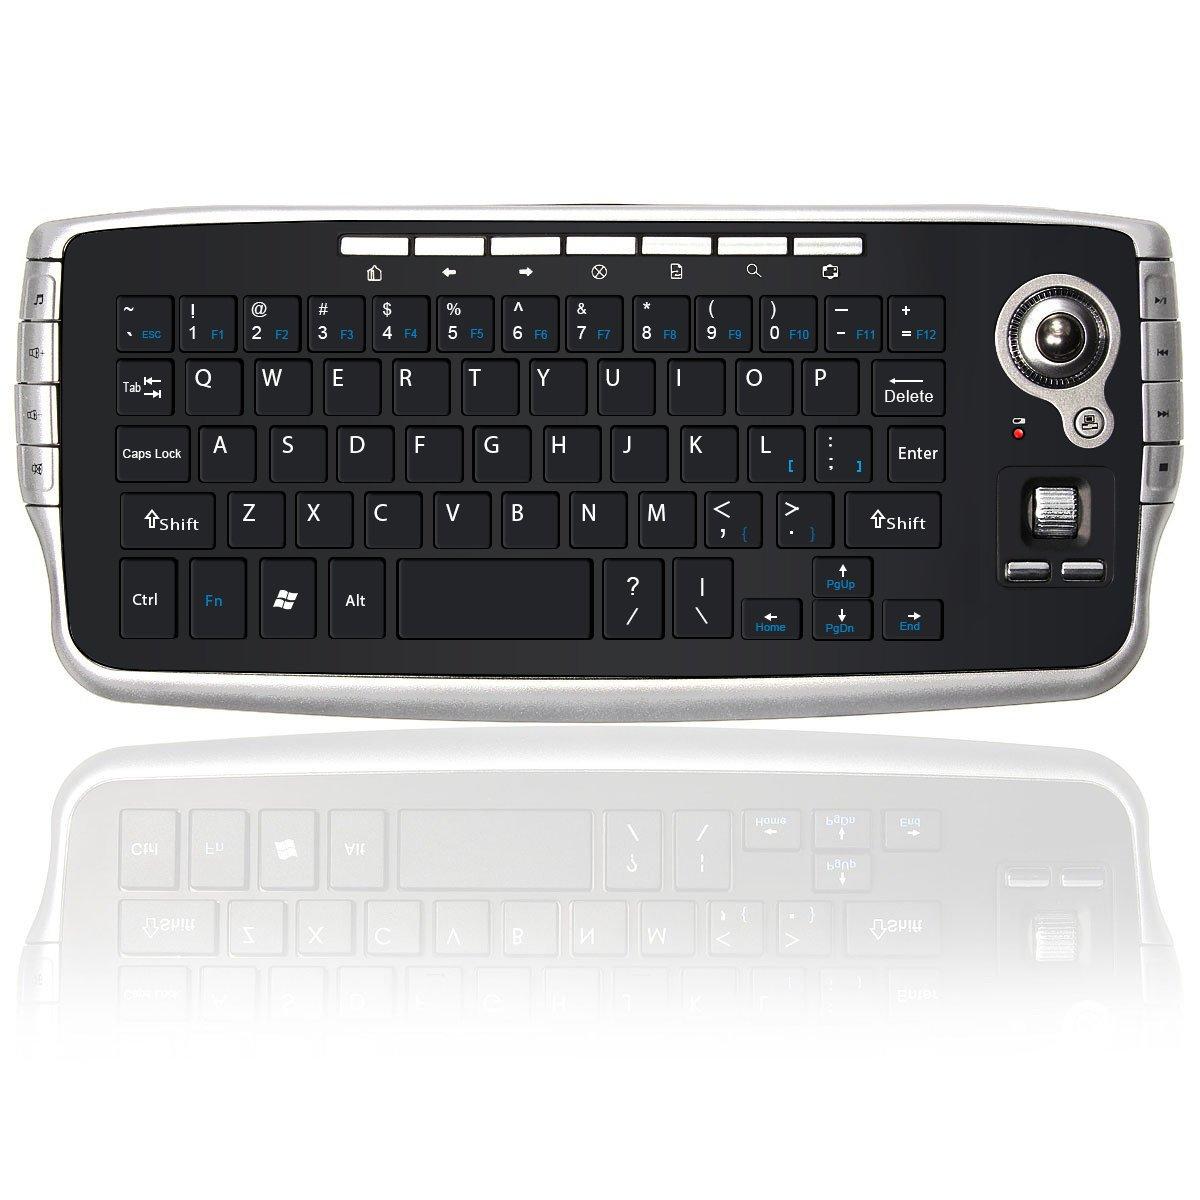 BESTRUNNER Mini Trackball Teclado USB Inalámbrico 2,4 GHz Air Mouse Reino Unido Miniteclado con Touchpad Mini-Teclado para Televisión, TV, X-Box, Ordenador: Amazon.es: Electrónica